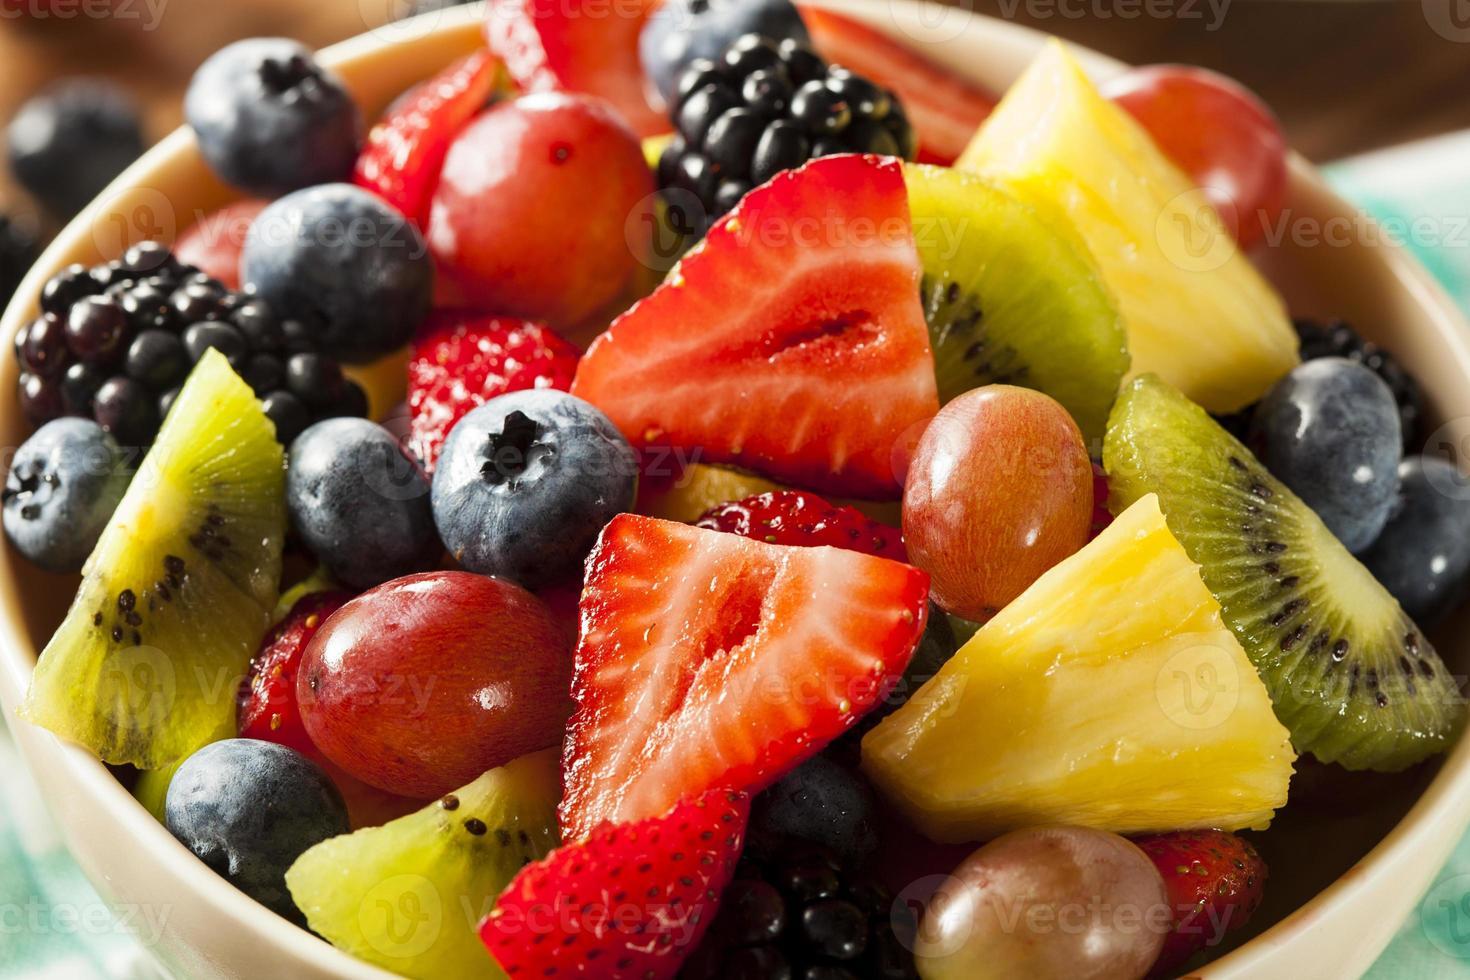 salade de fruits bio saine photo